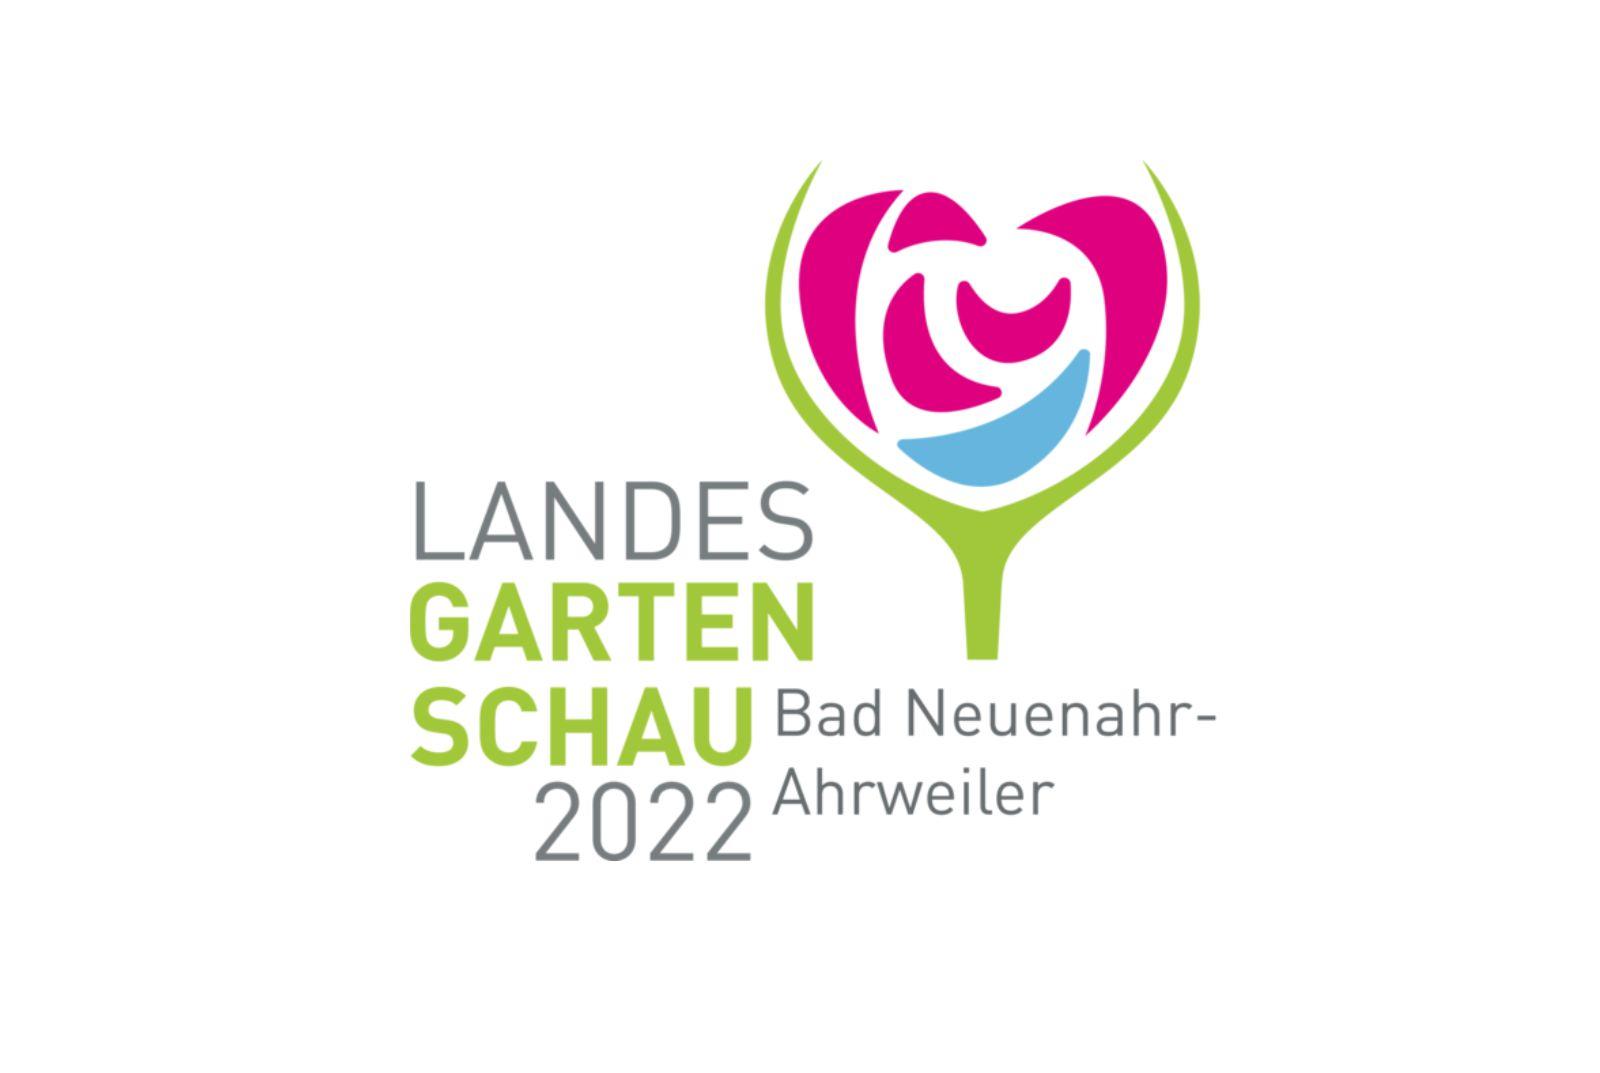 Logo der Landesgartenschau2022